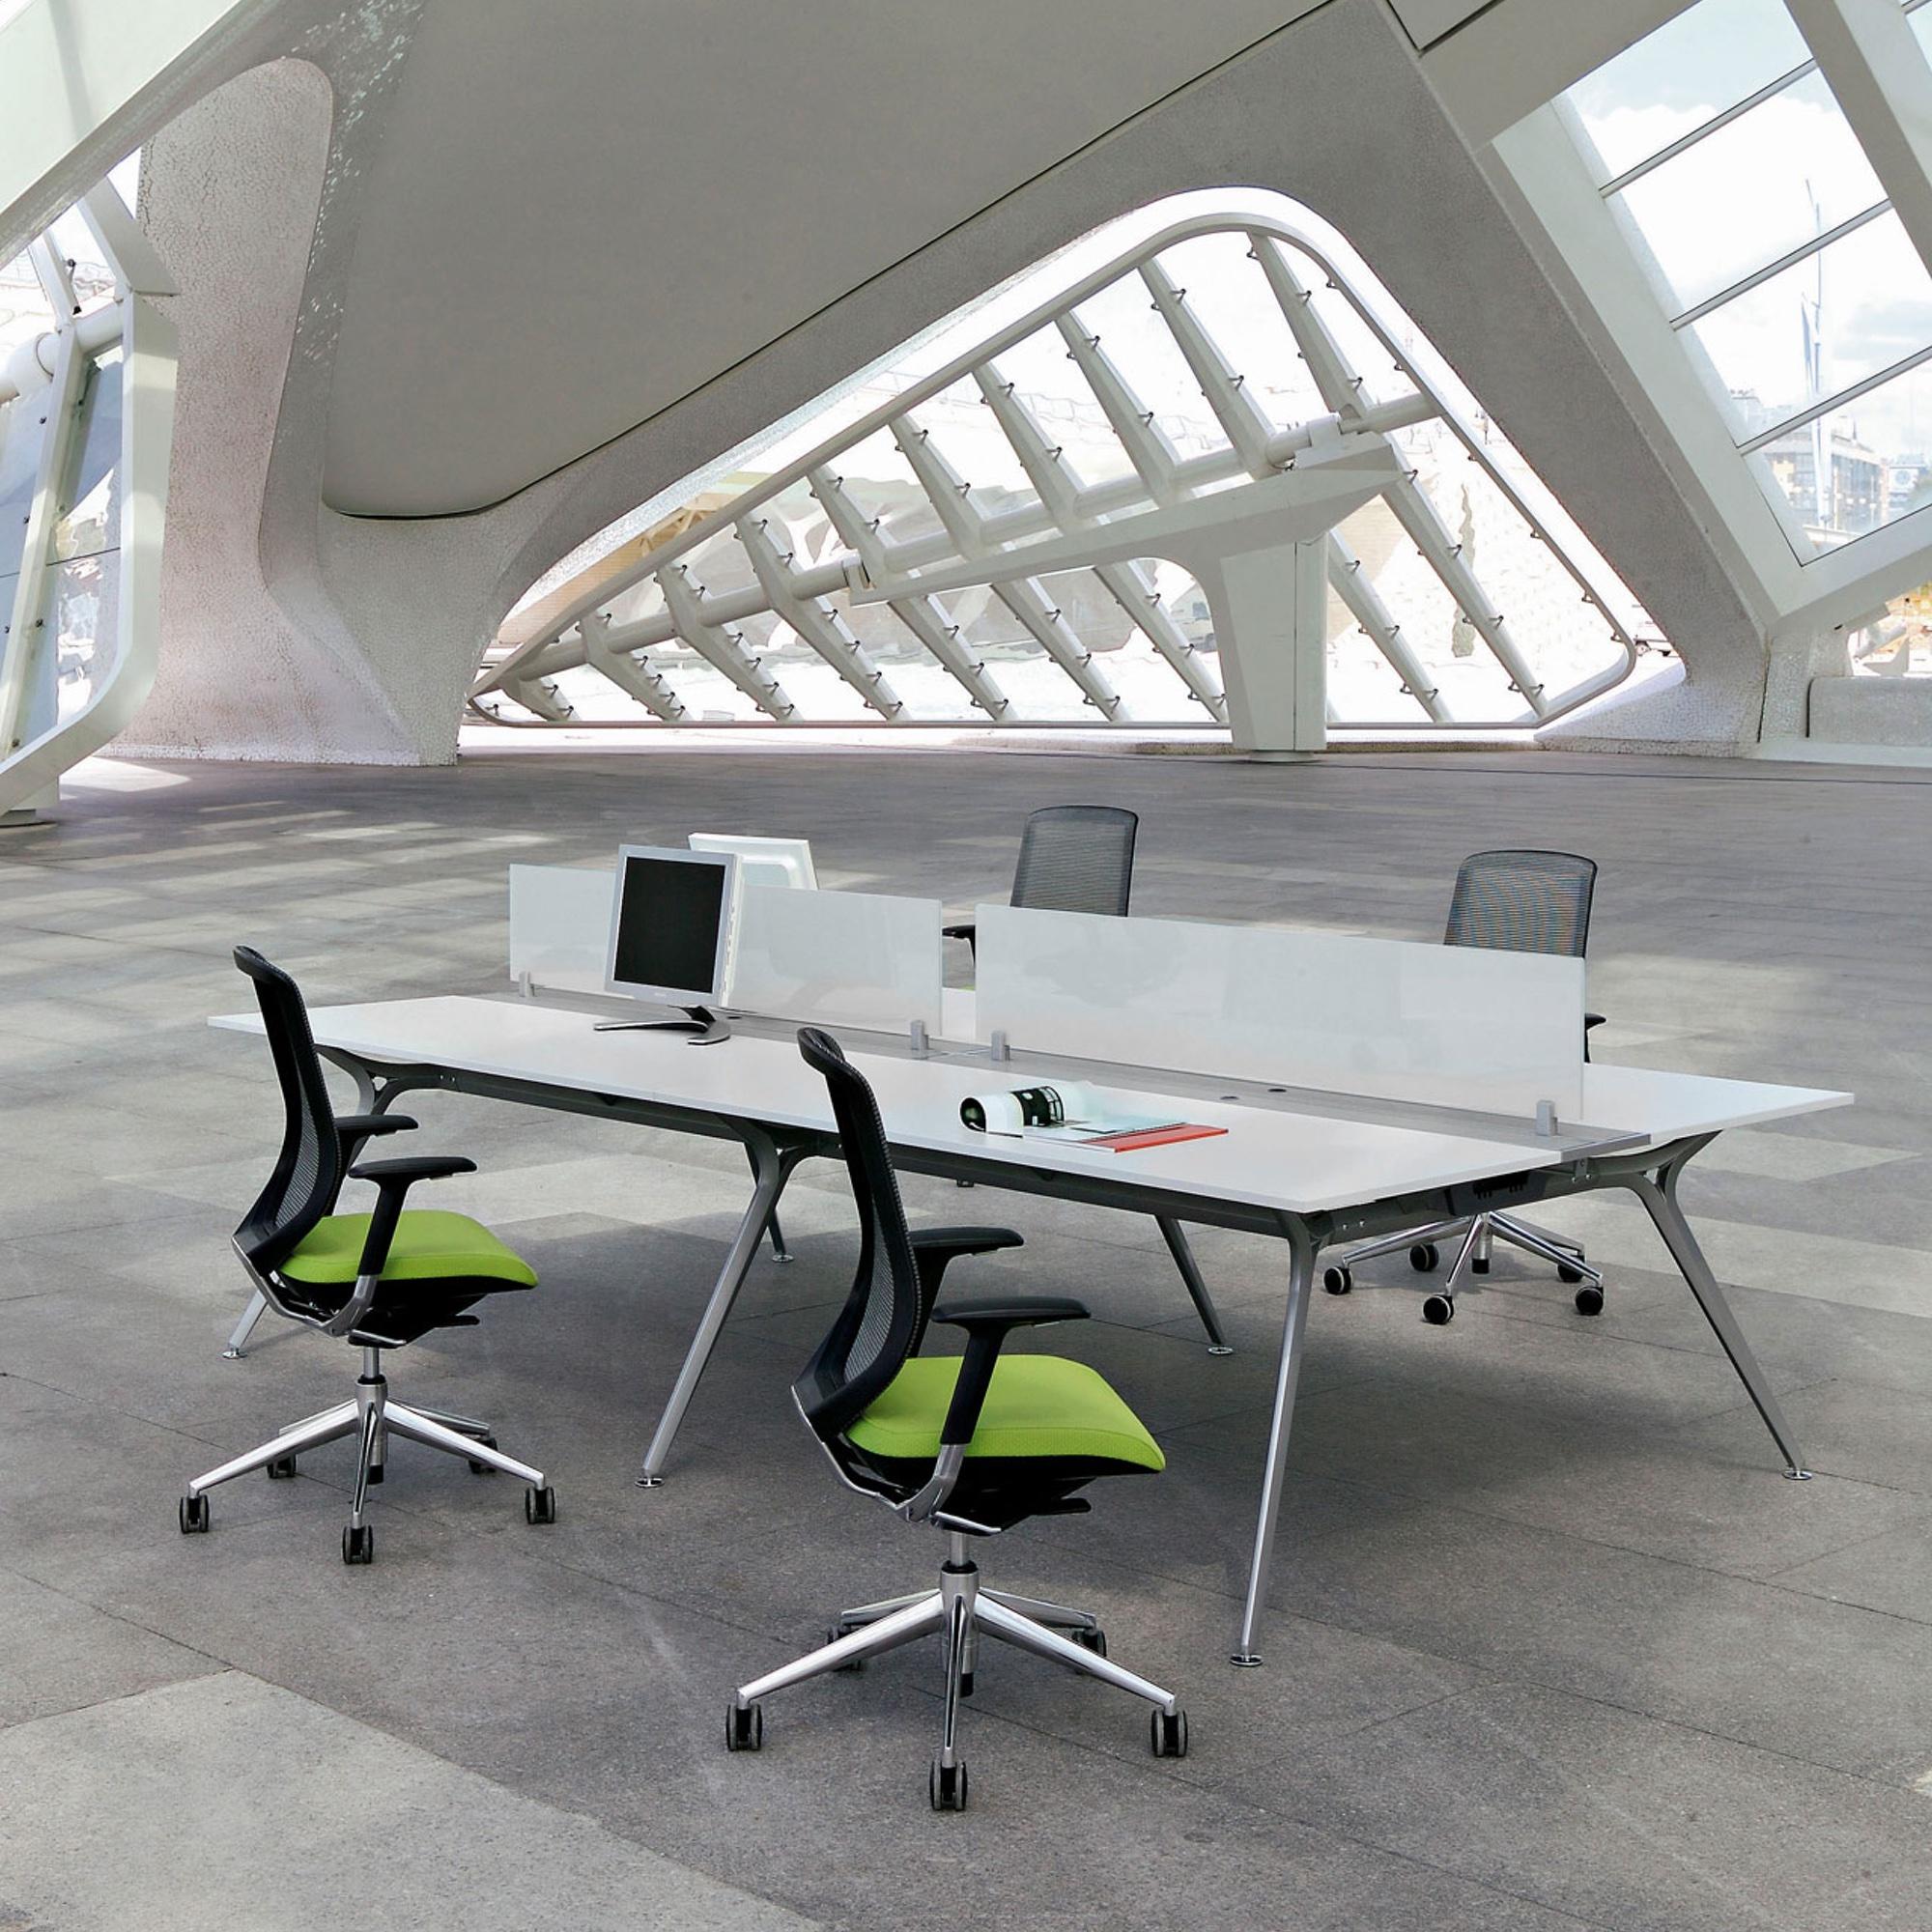 actiu arkitek schreibtisch als 4er bench team schreibtische arbeitsplatz b rotische alle. Black Bedroom Furniture Sets. Home Design Ideas